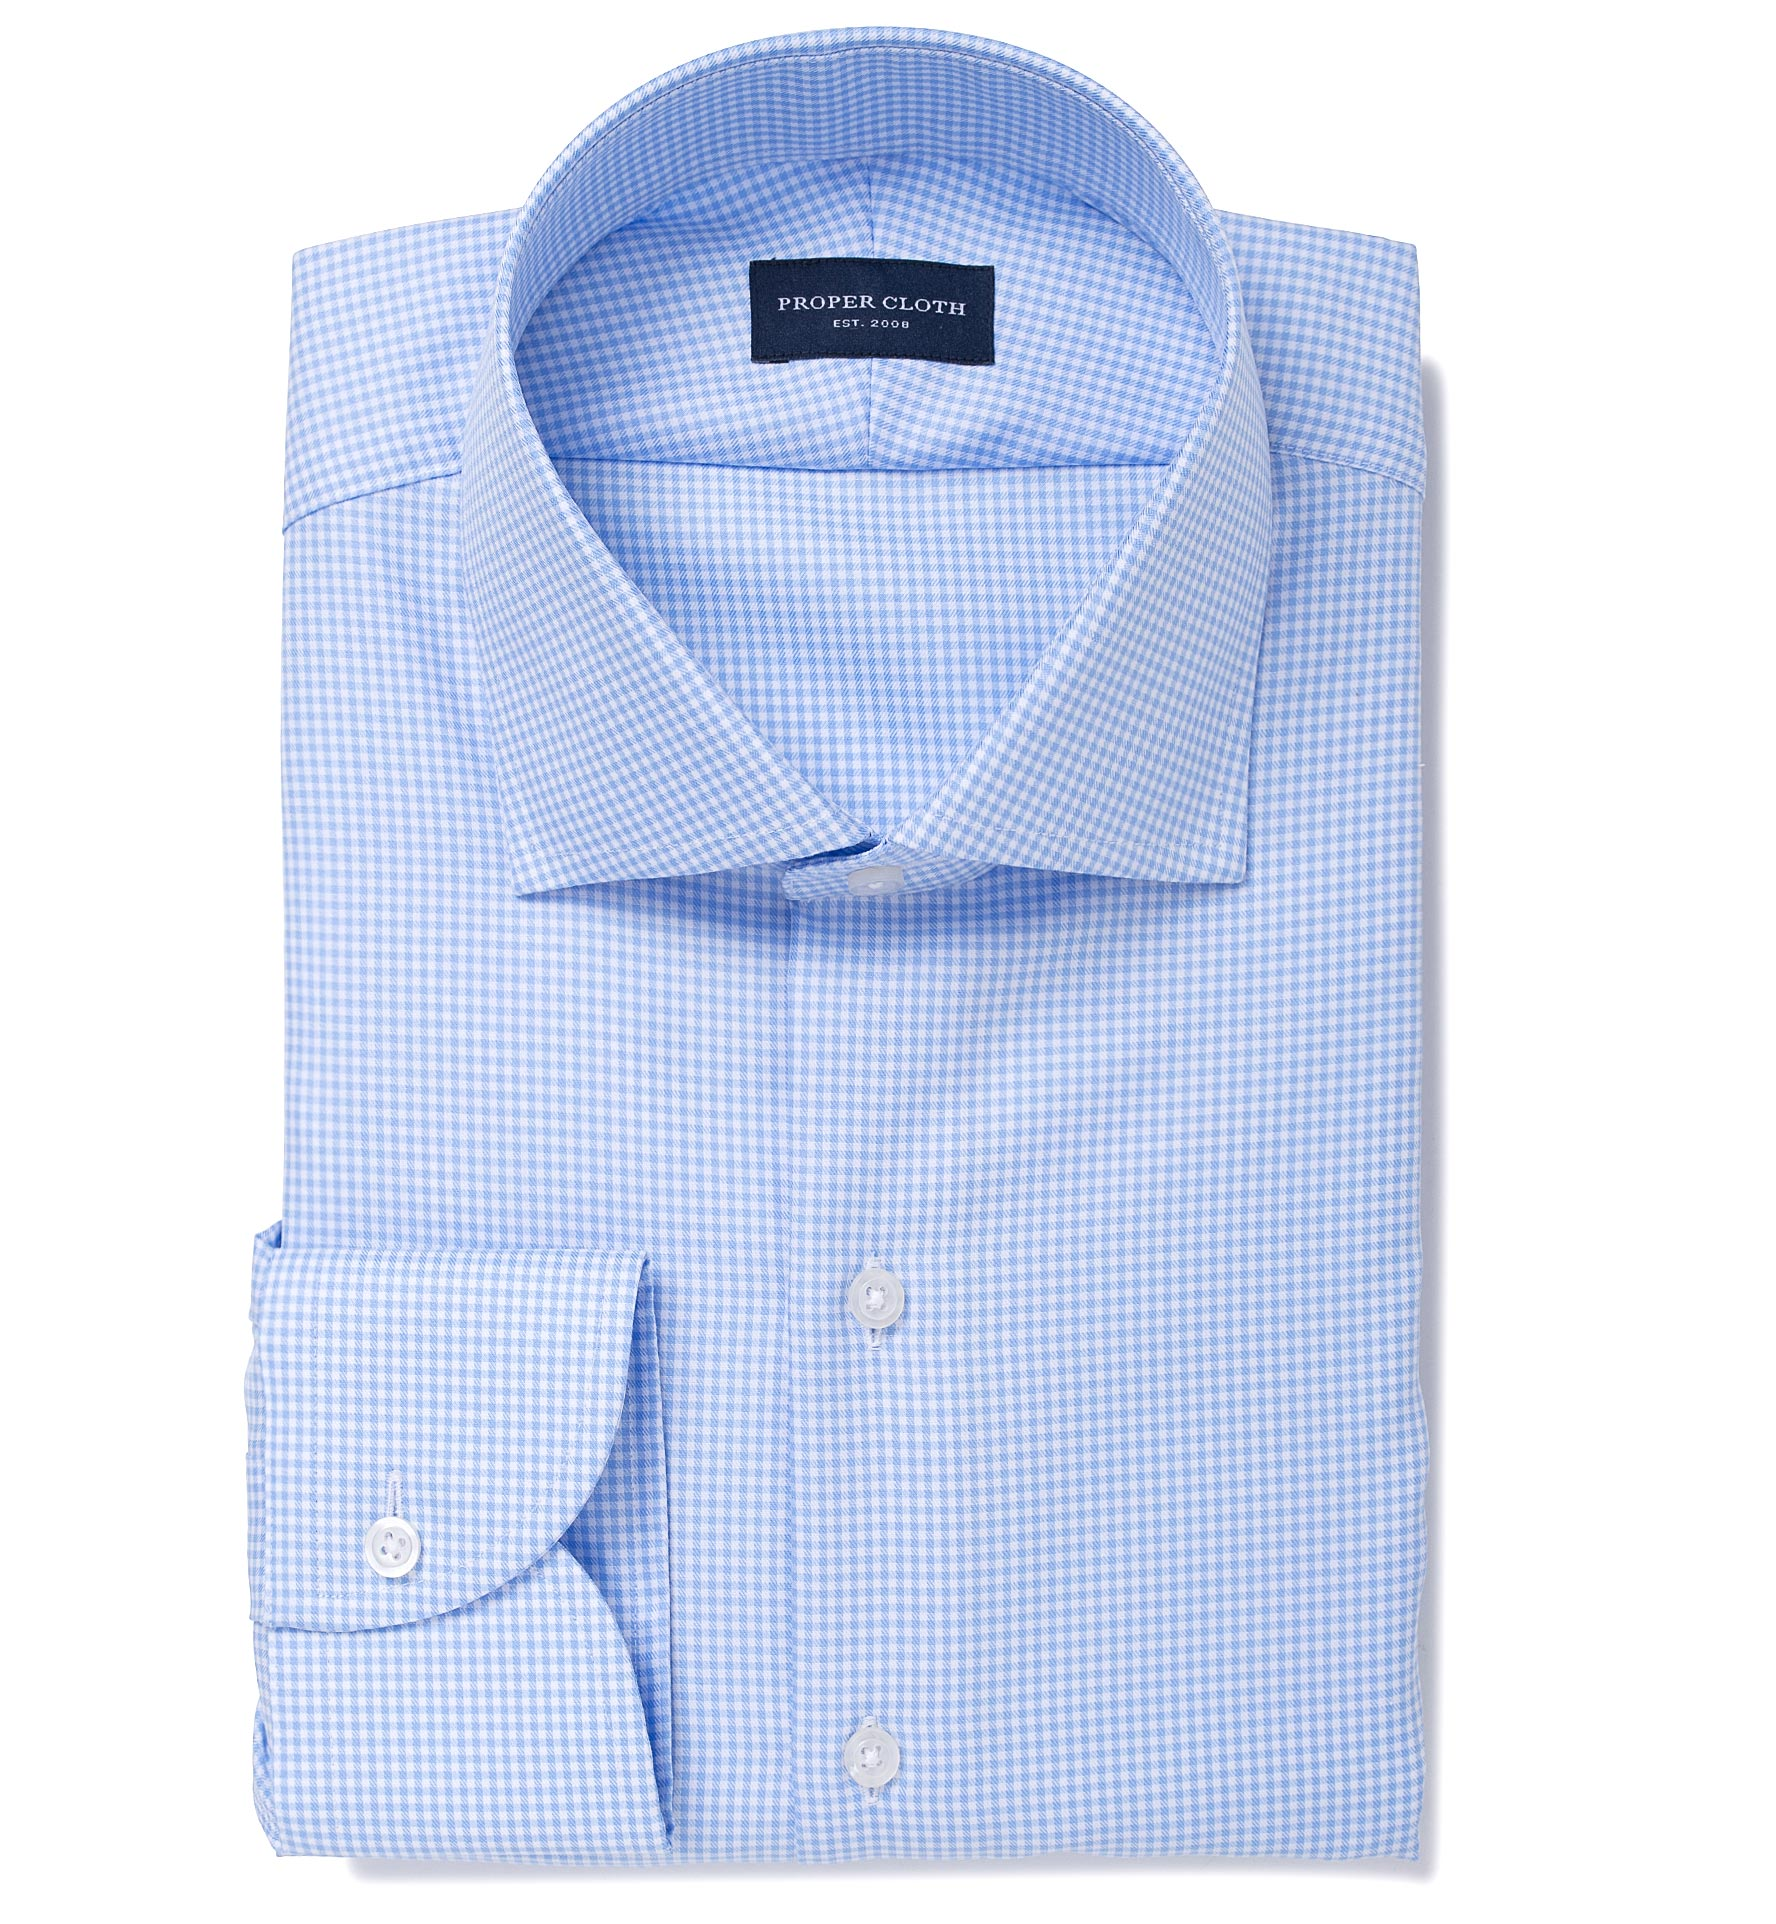 Mayfair wrinkle resistant light blue gingham dress shirt for Wrinkle resistant dress shirts